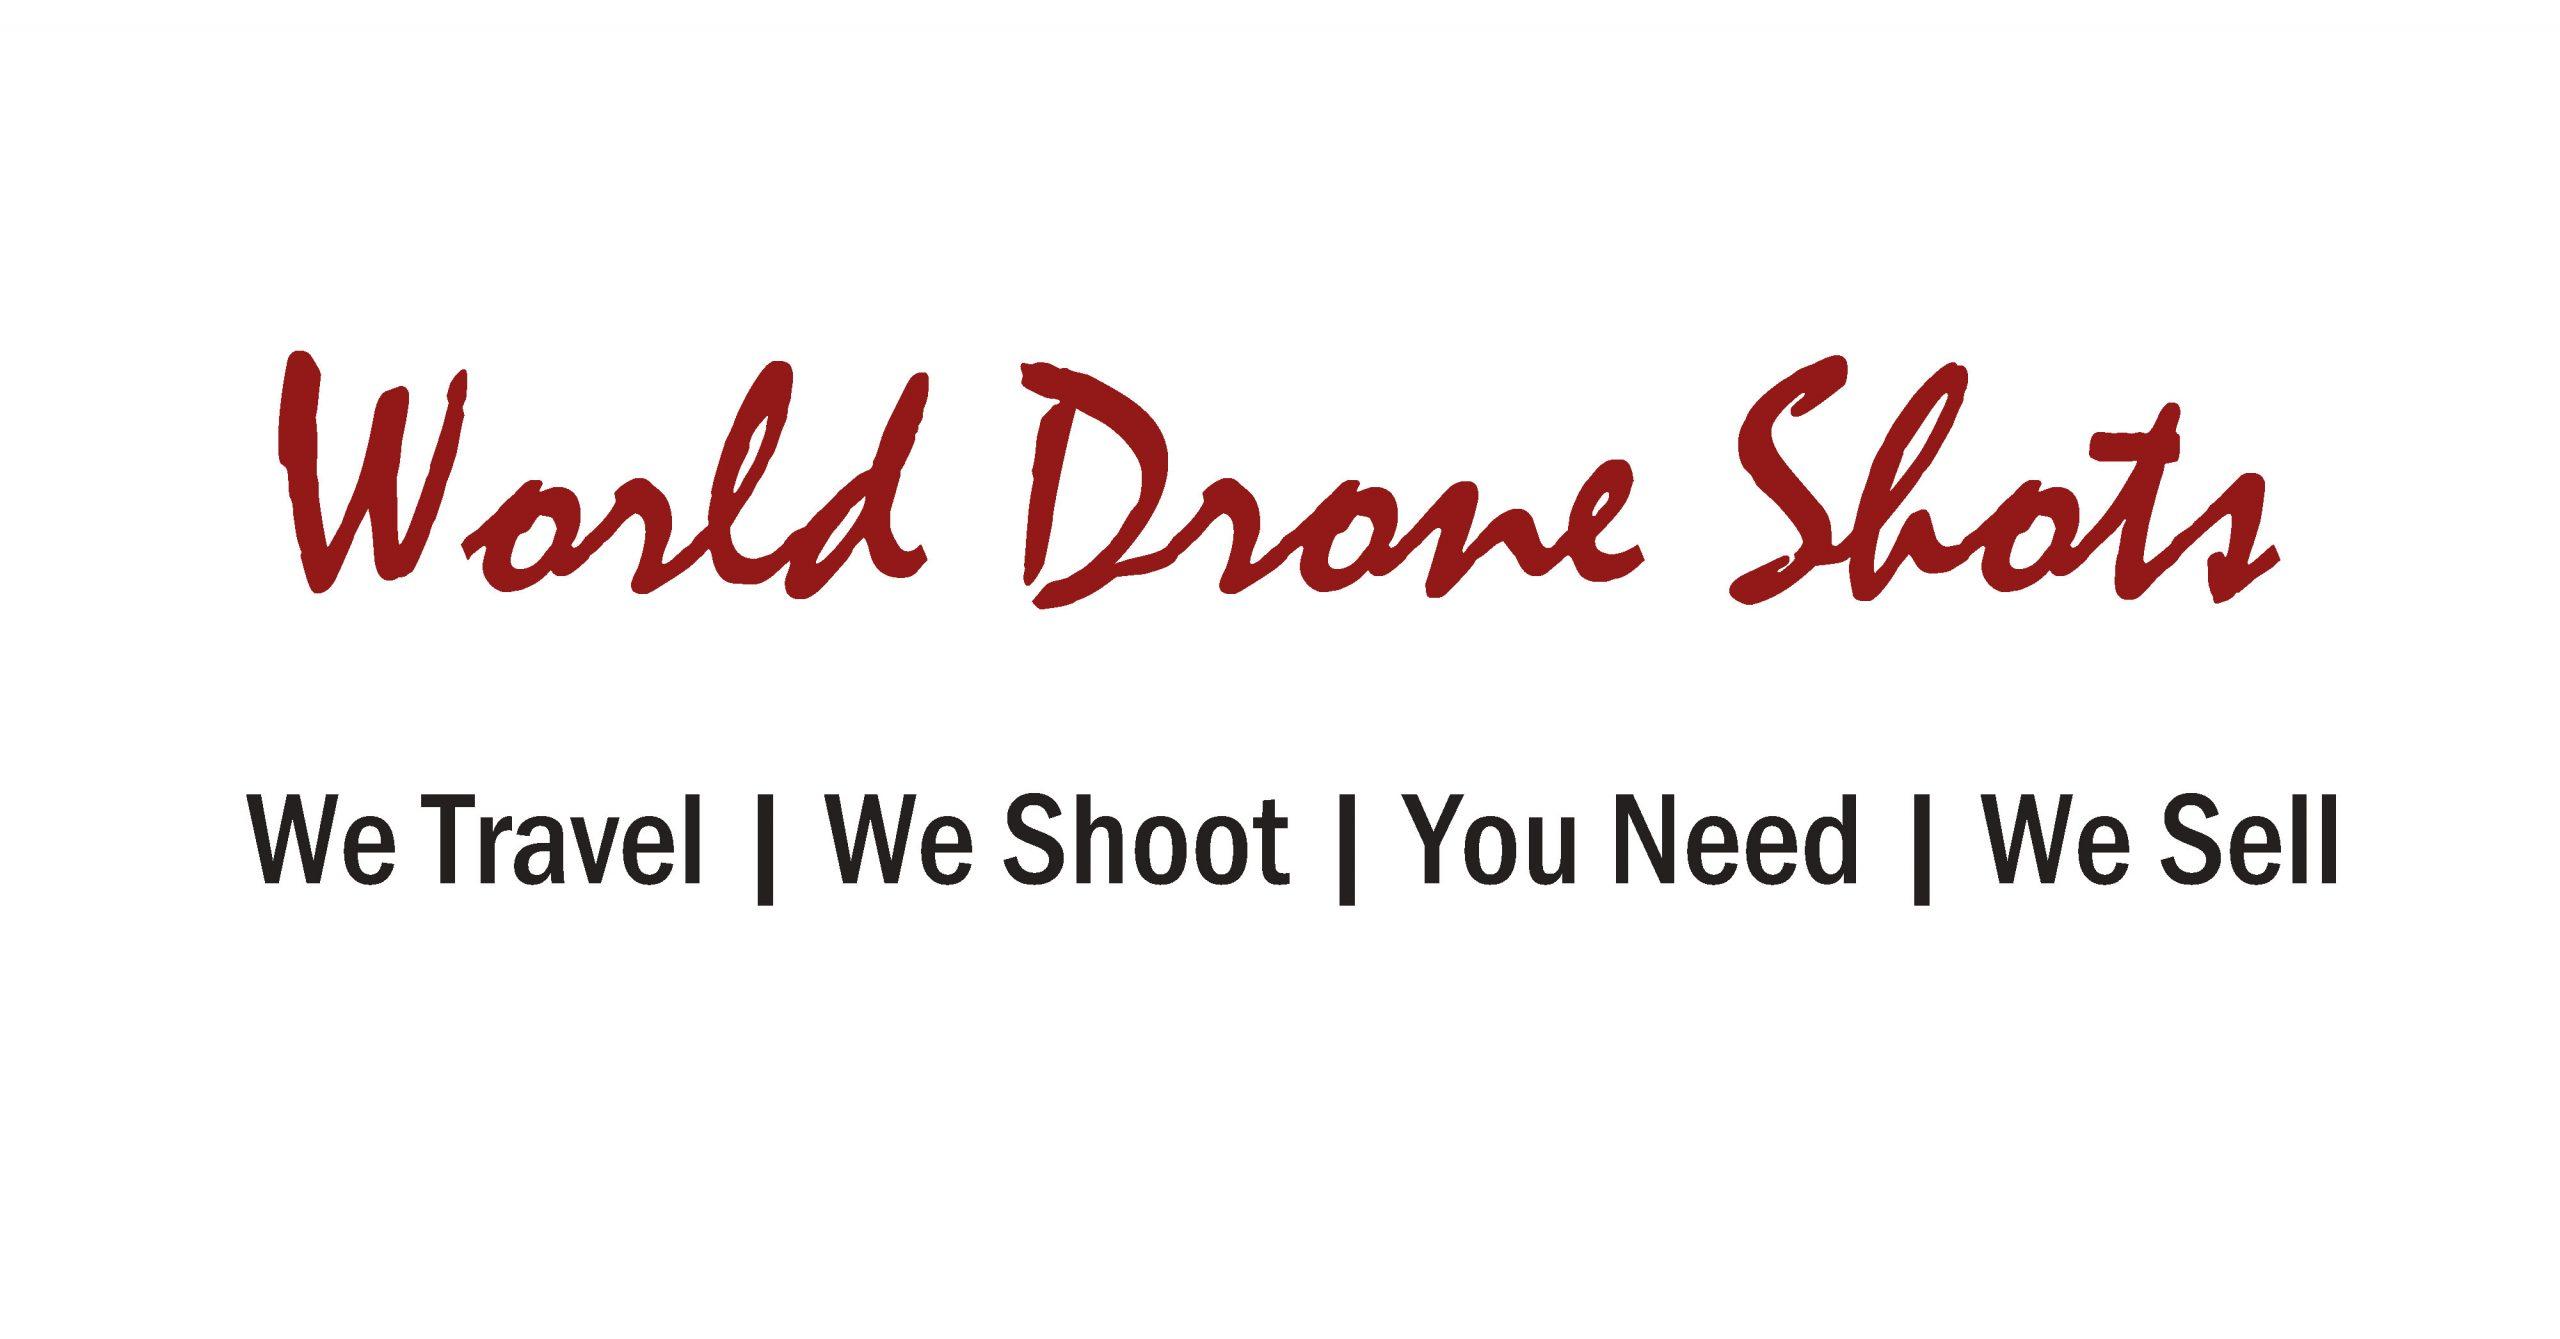 World Drone Shots